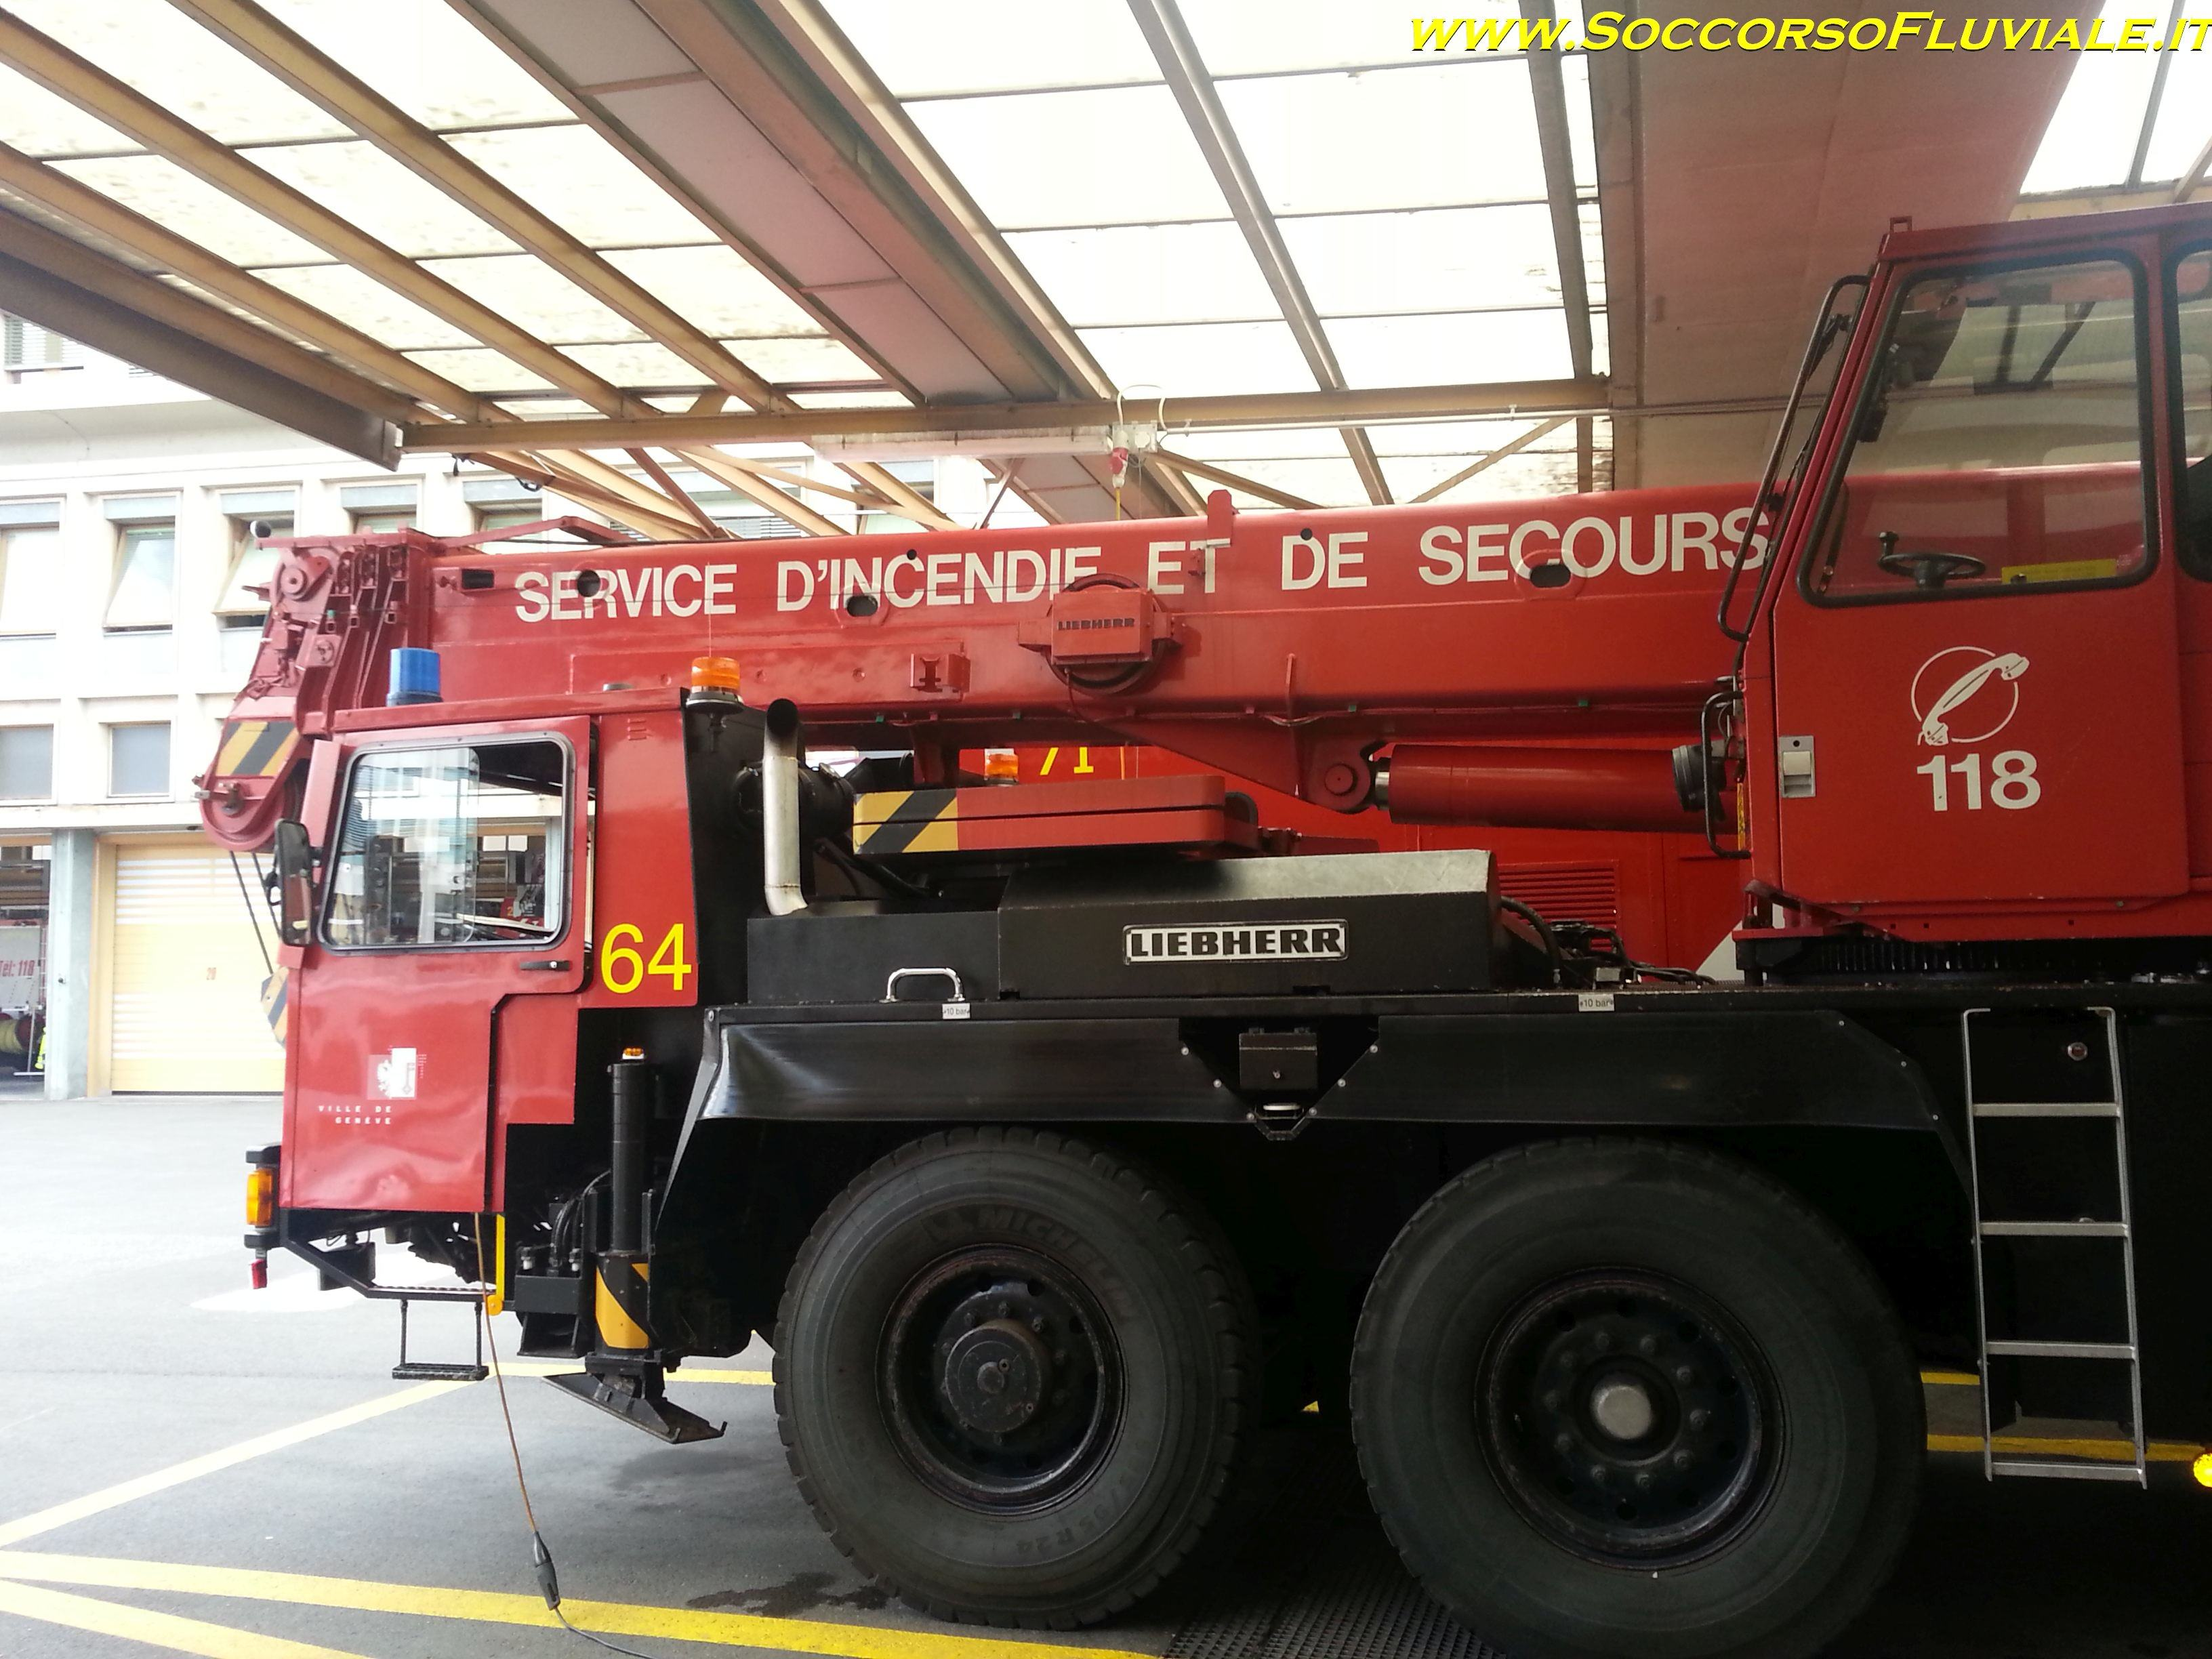 swiss fire department truck